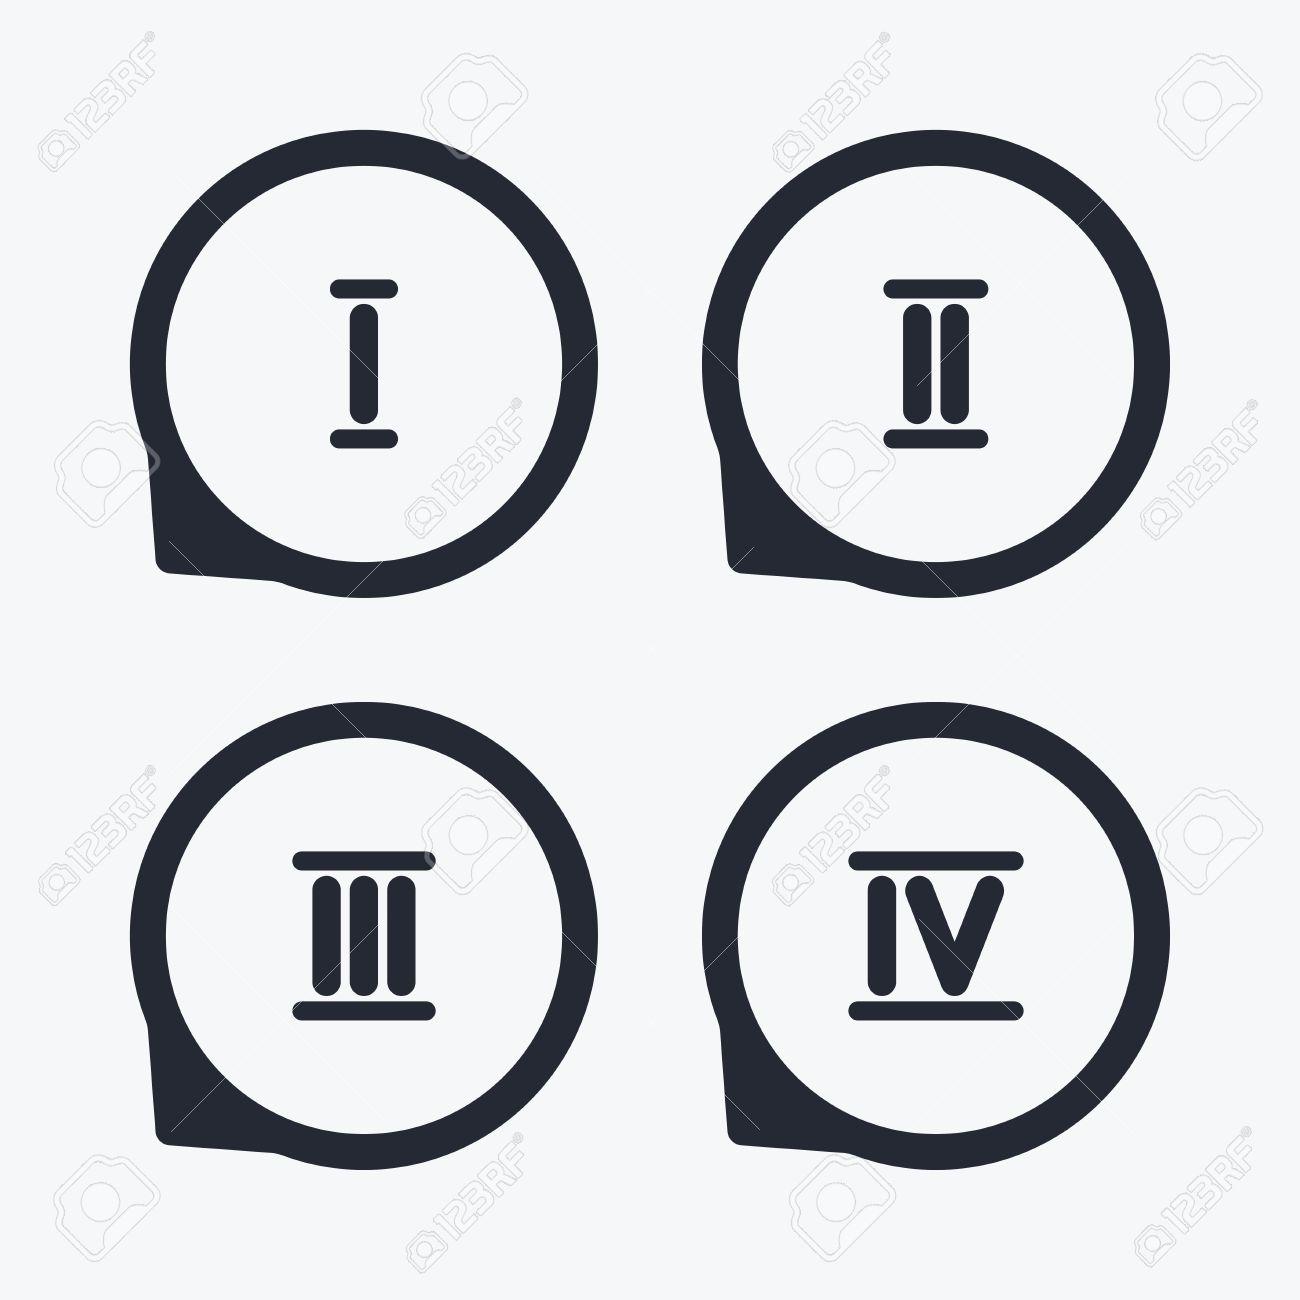 Chiffre Romain 4 icônes de chiffres romains. 1, 2, 3 et 4 caractères numériques